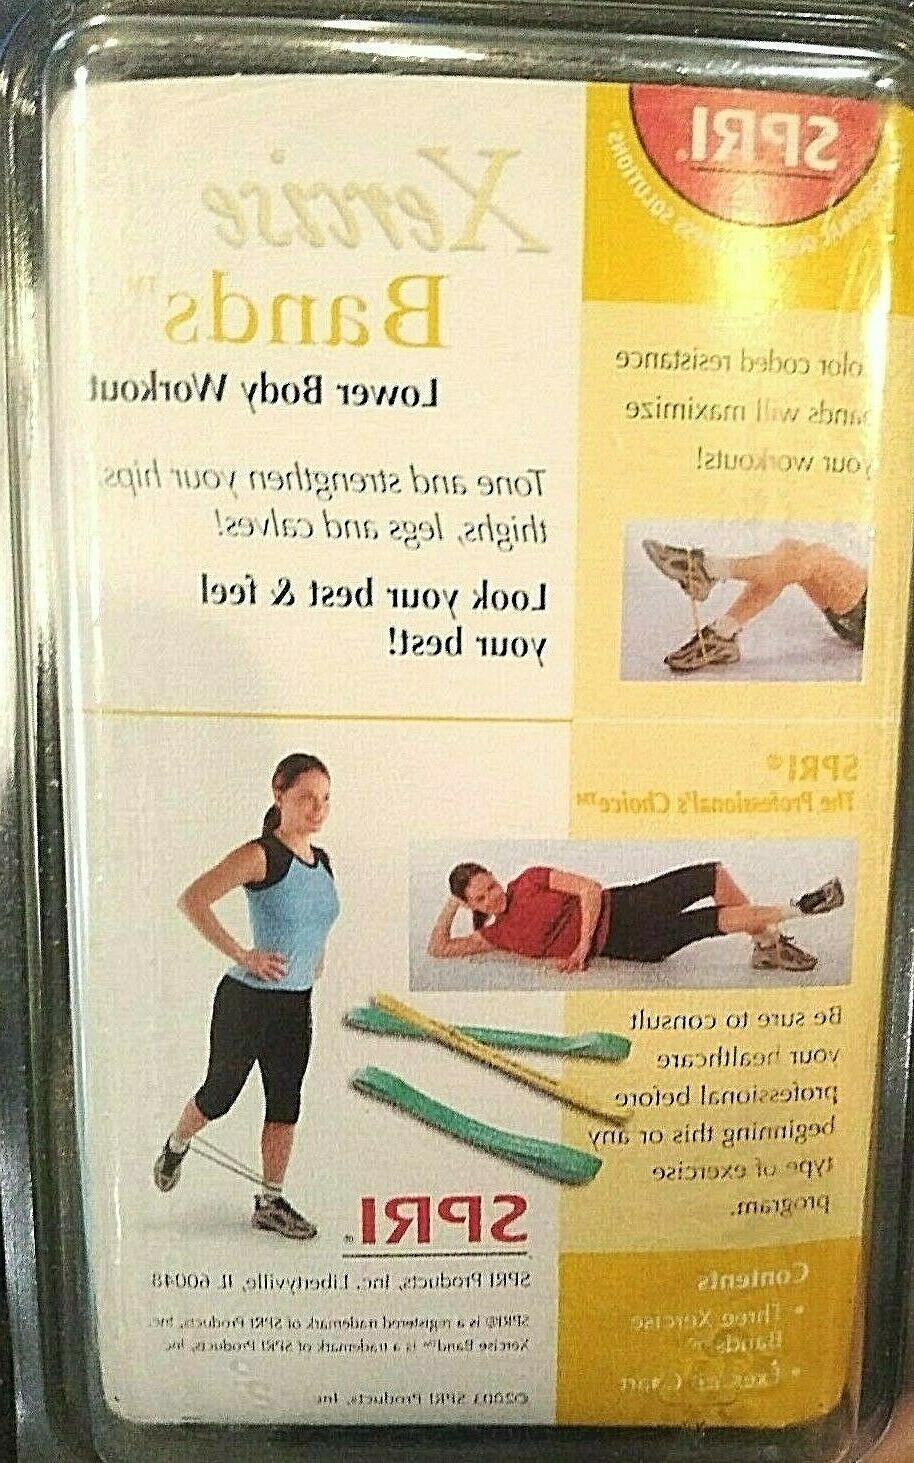 New 3 Xercise Band in Leg Hip Butt Exercise